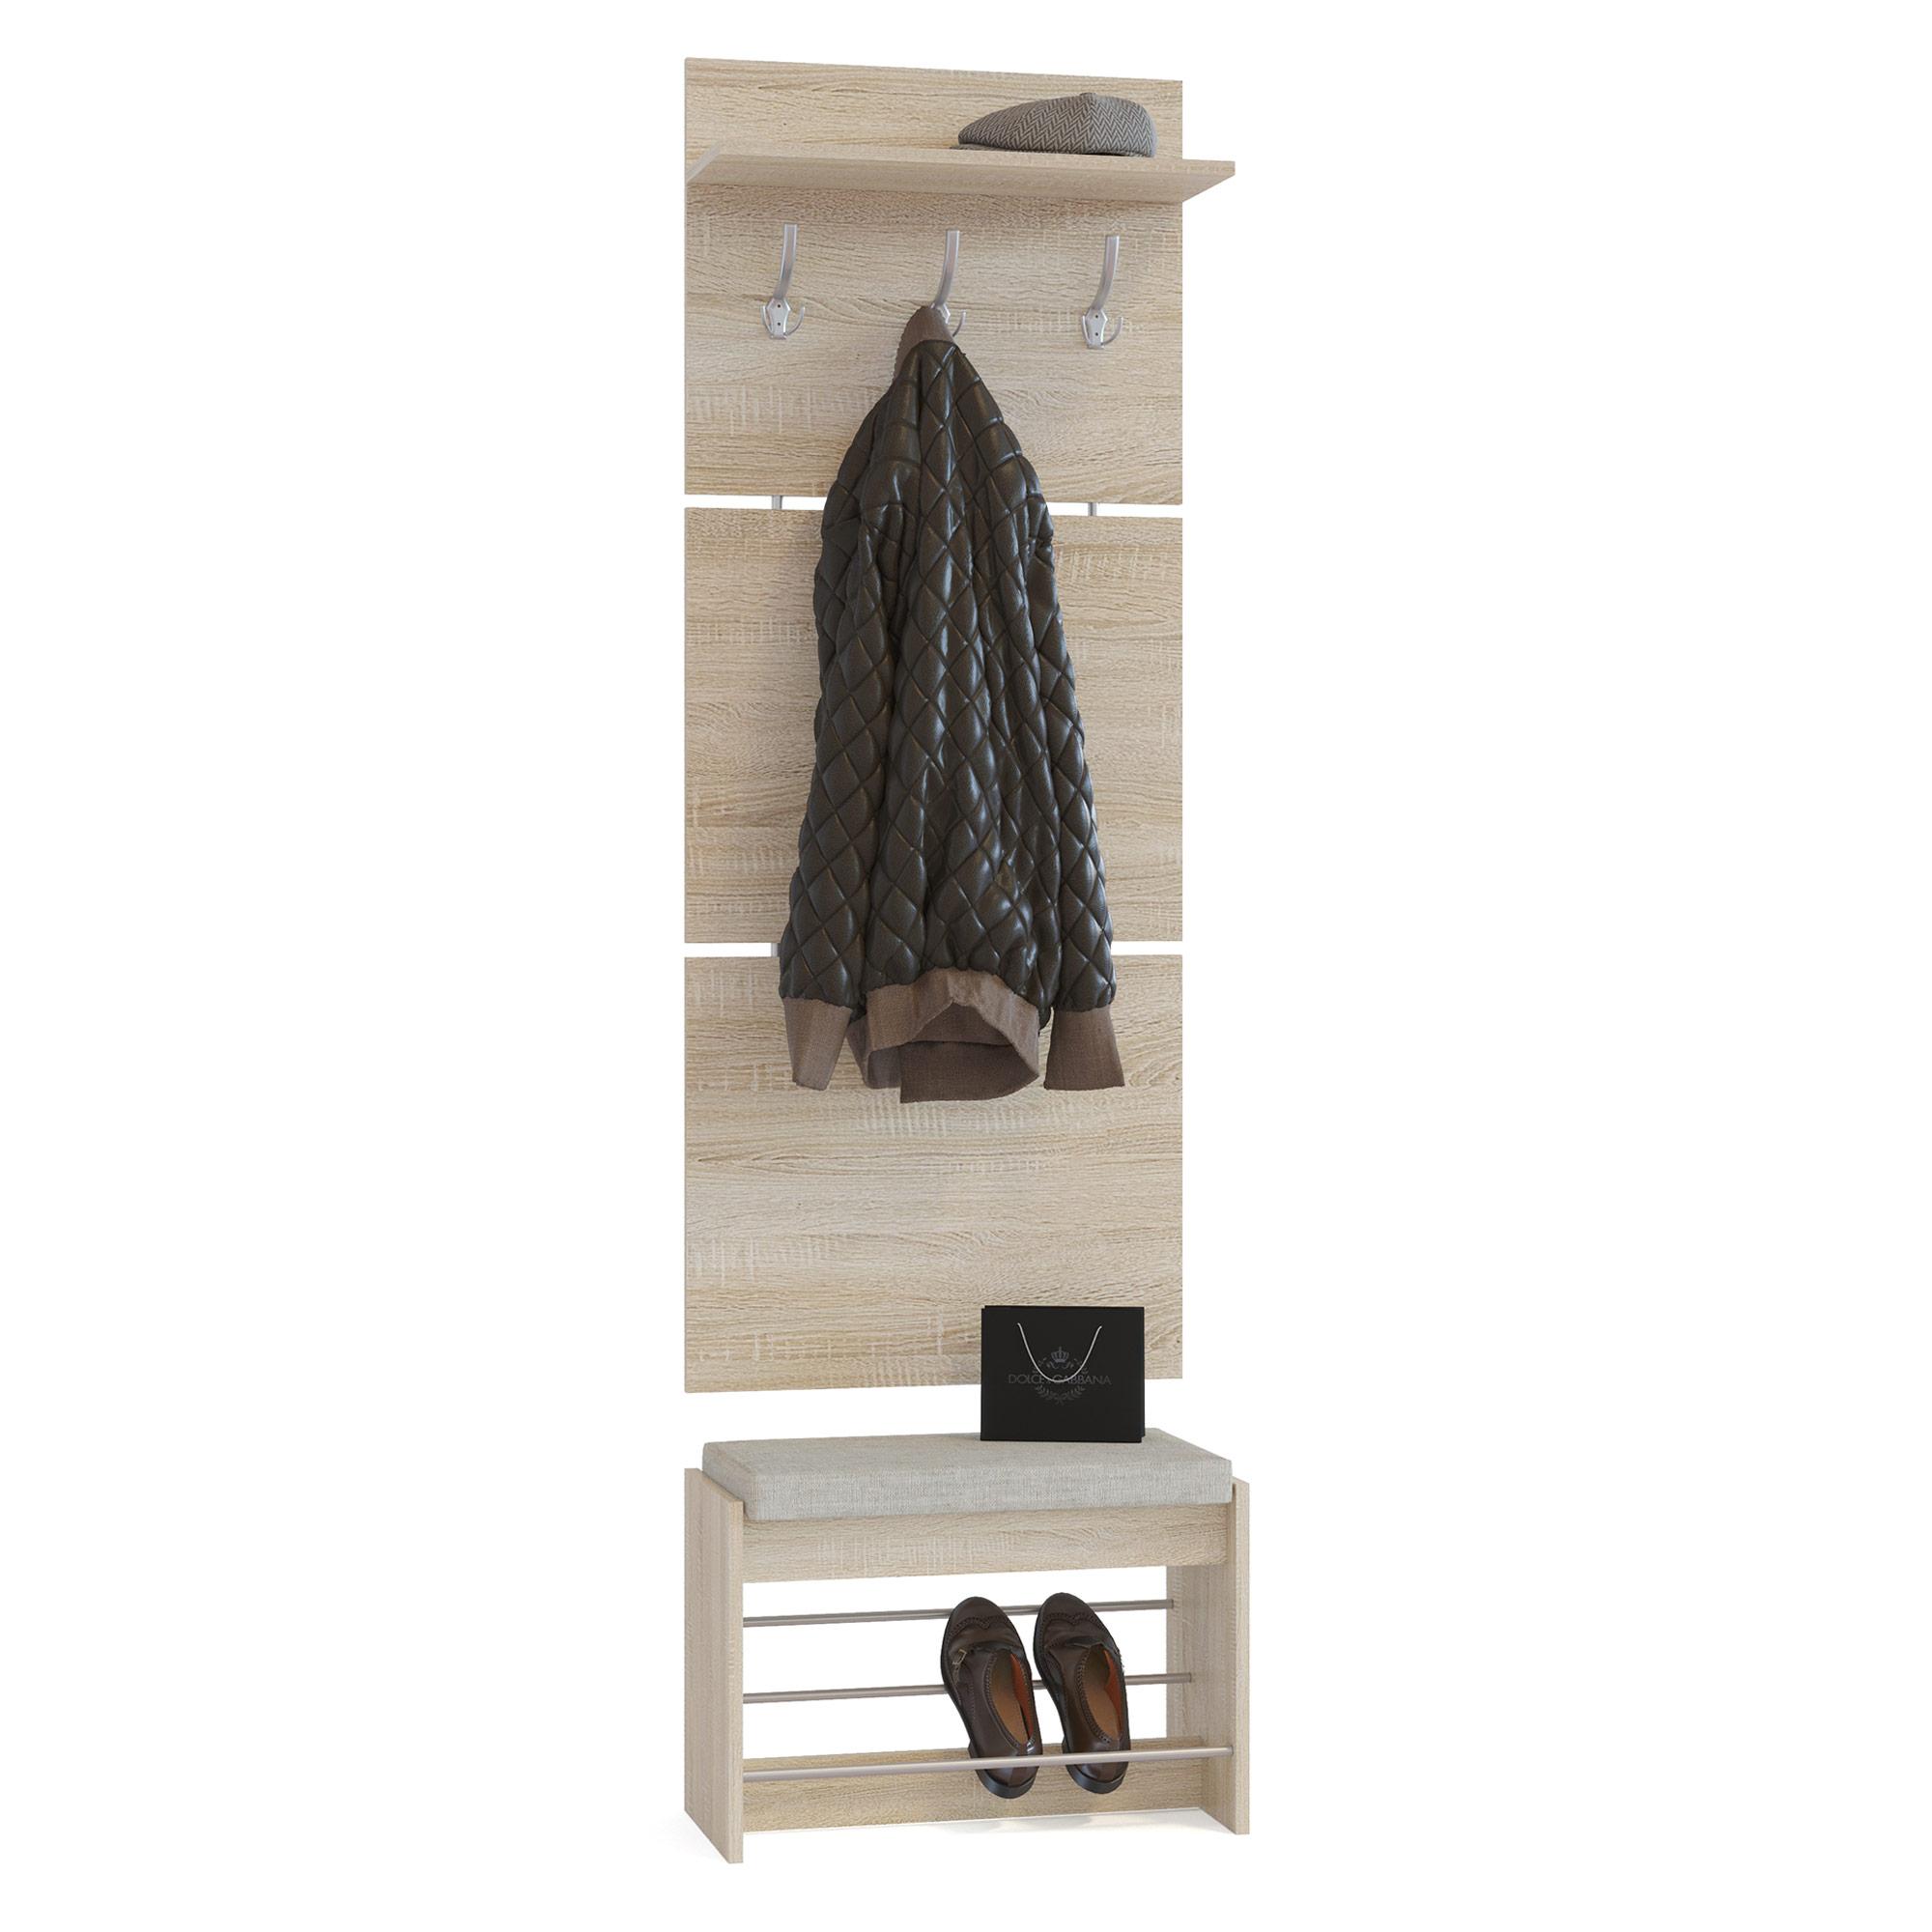 Вешалка с тумбой мягкое сиденье Сокол ВШ-5.1+ТП-5 дуб сонома/белый, 60х28х209 см. (Груно) фото